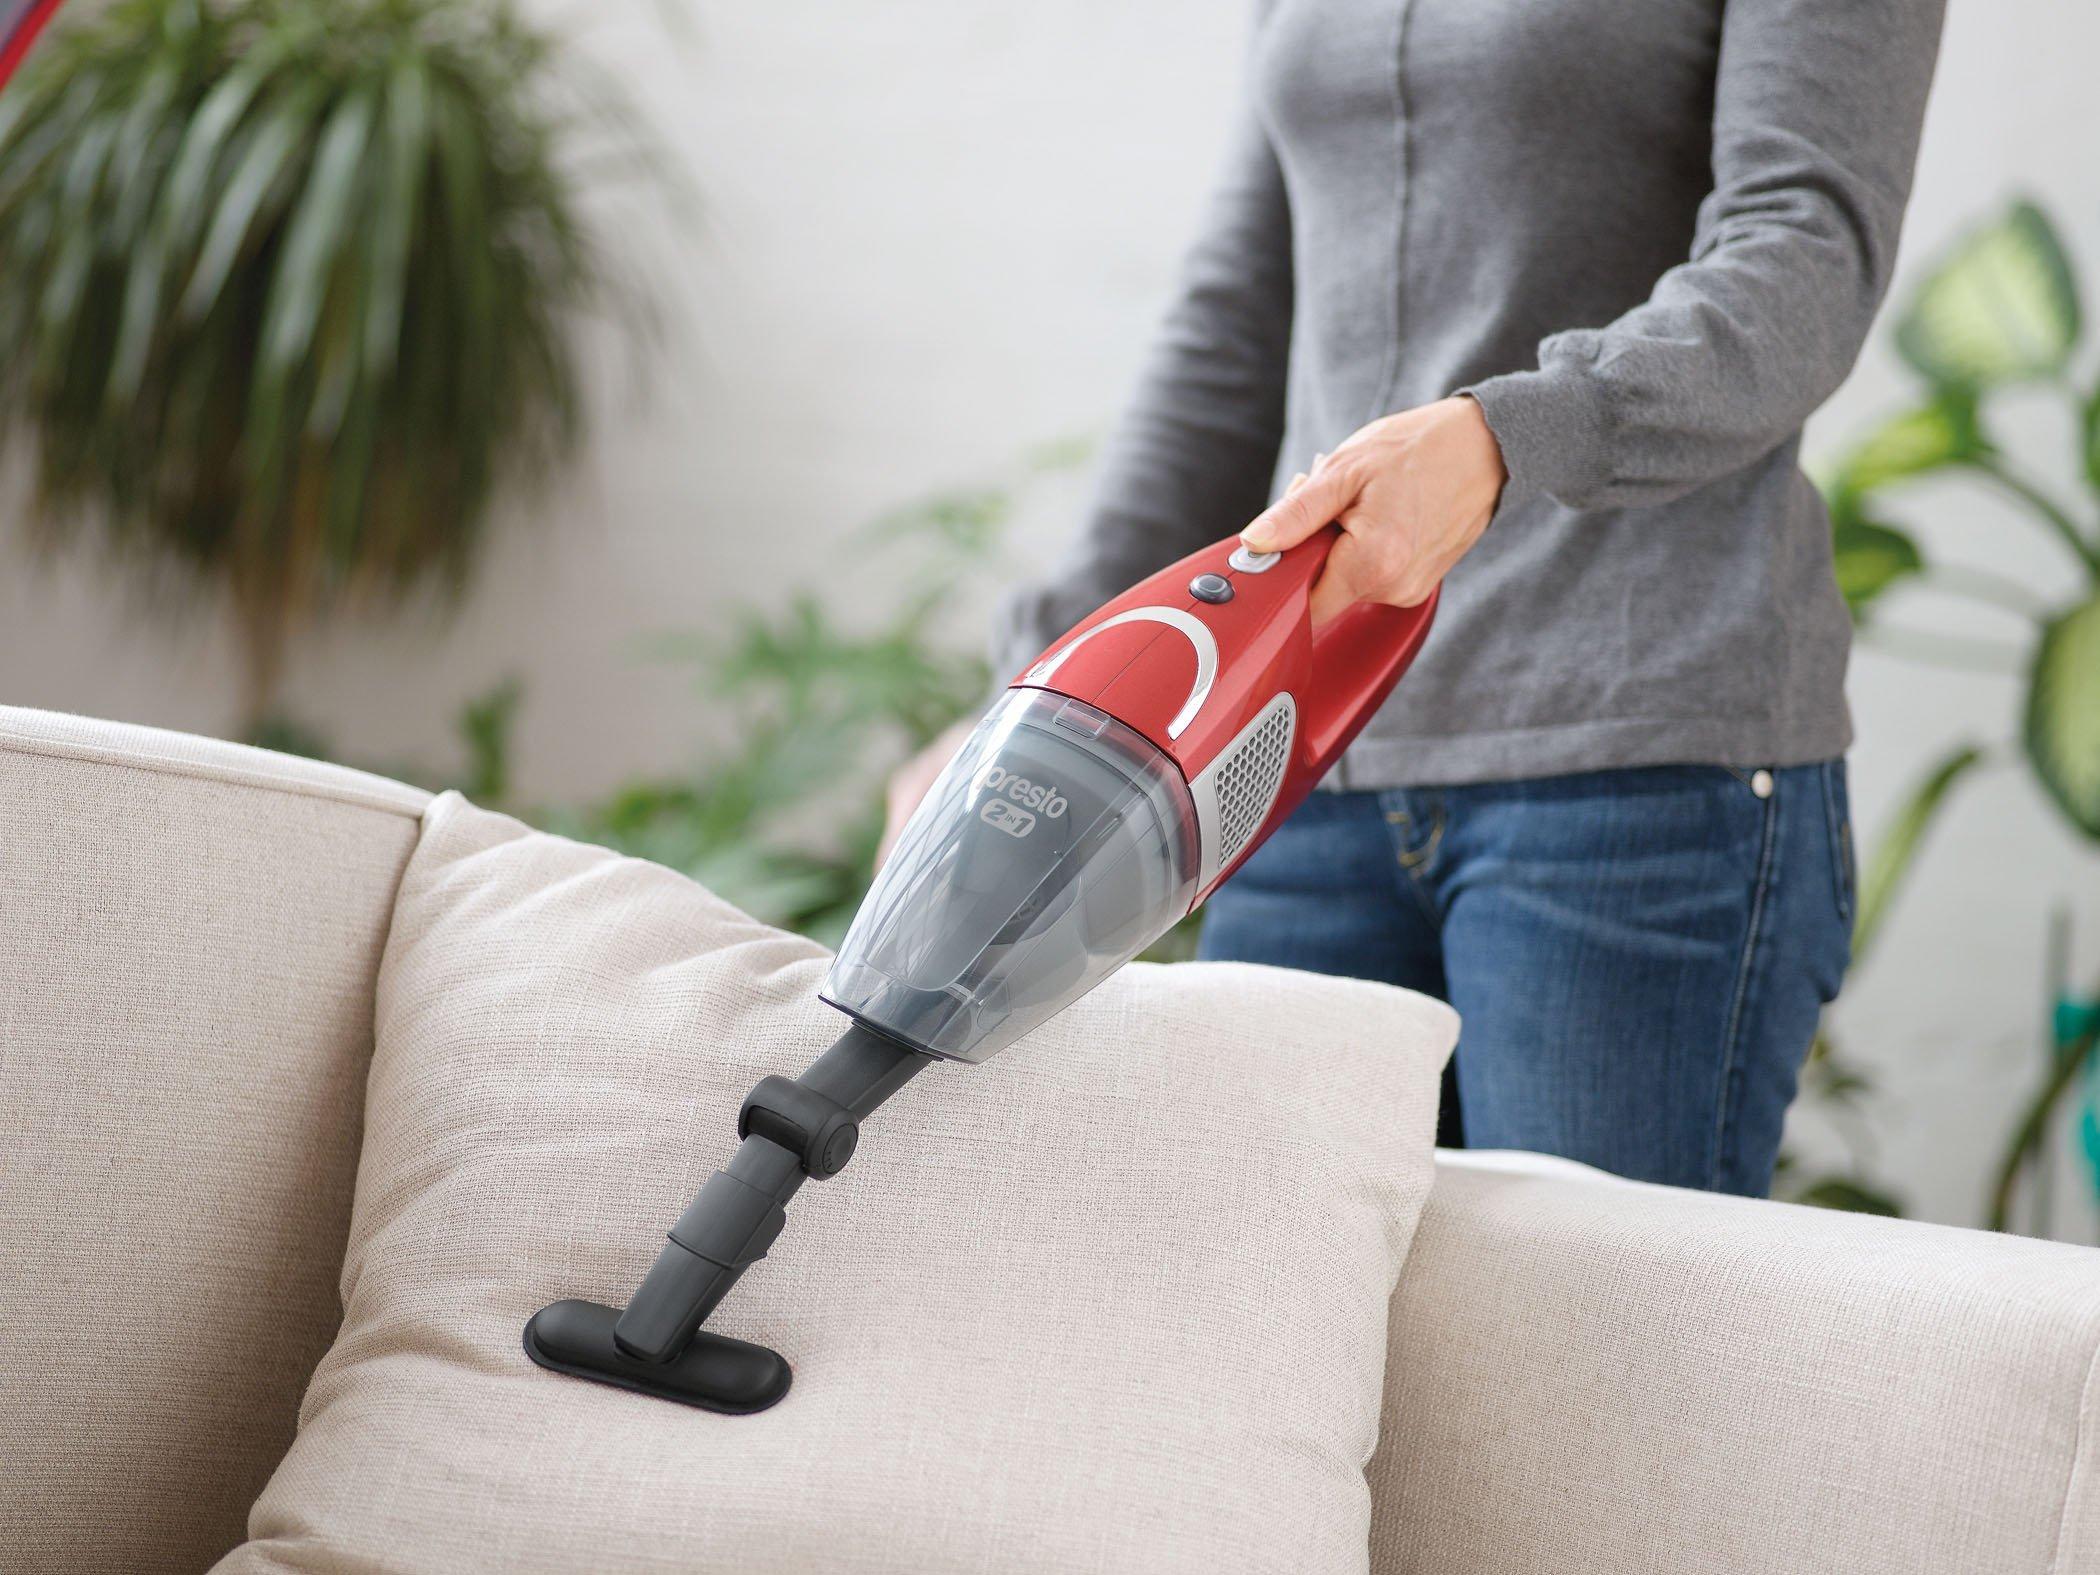 Presto 2-in-1 Cordless Stick Vacuum8